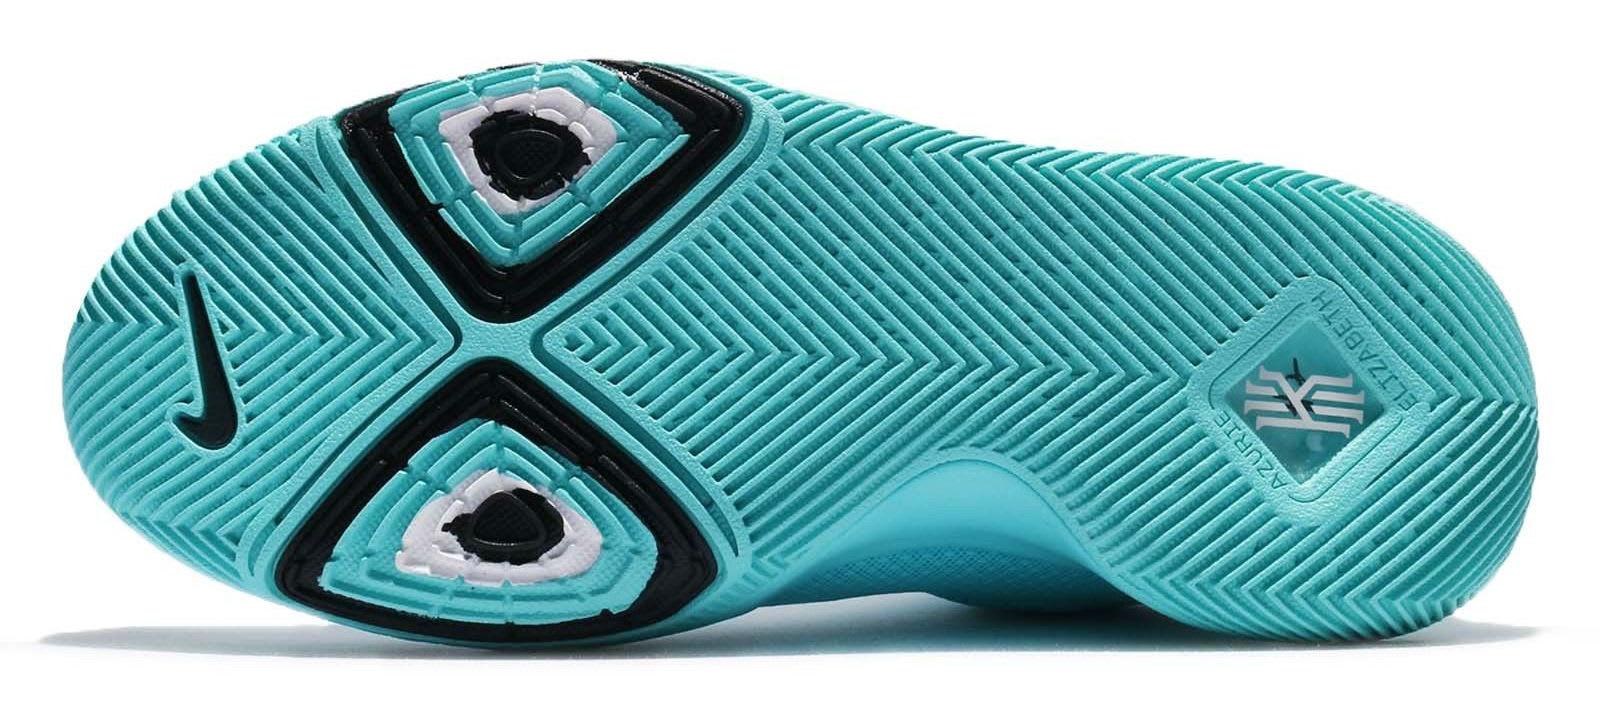 Nike Kyrie 3 GS Aqua Release Date Sole 859466-401